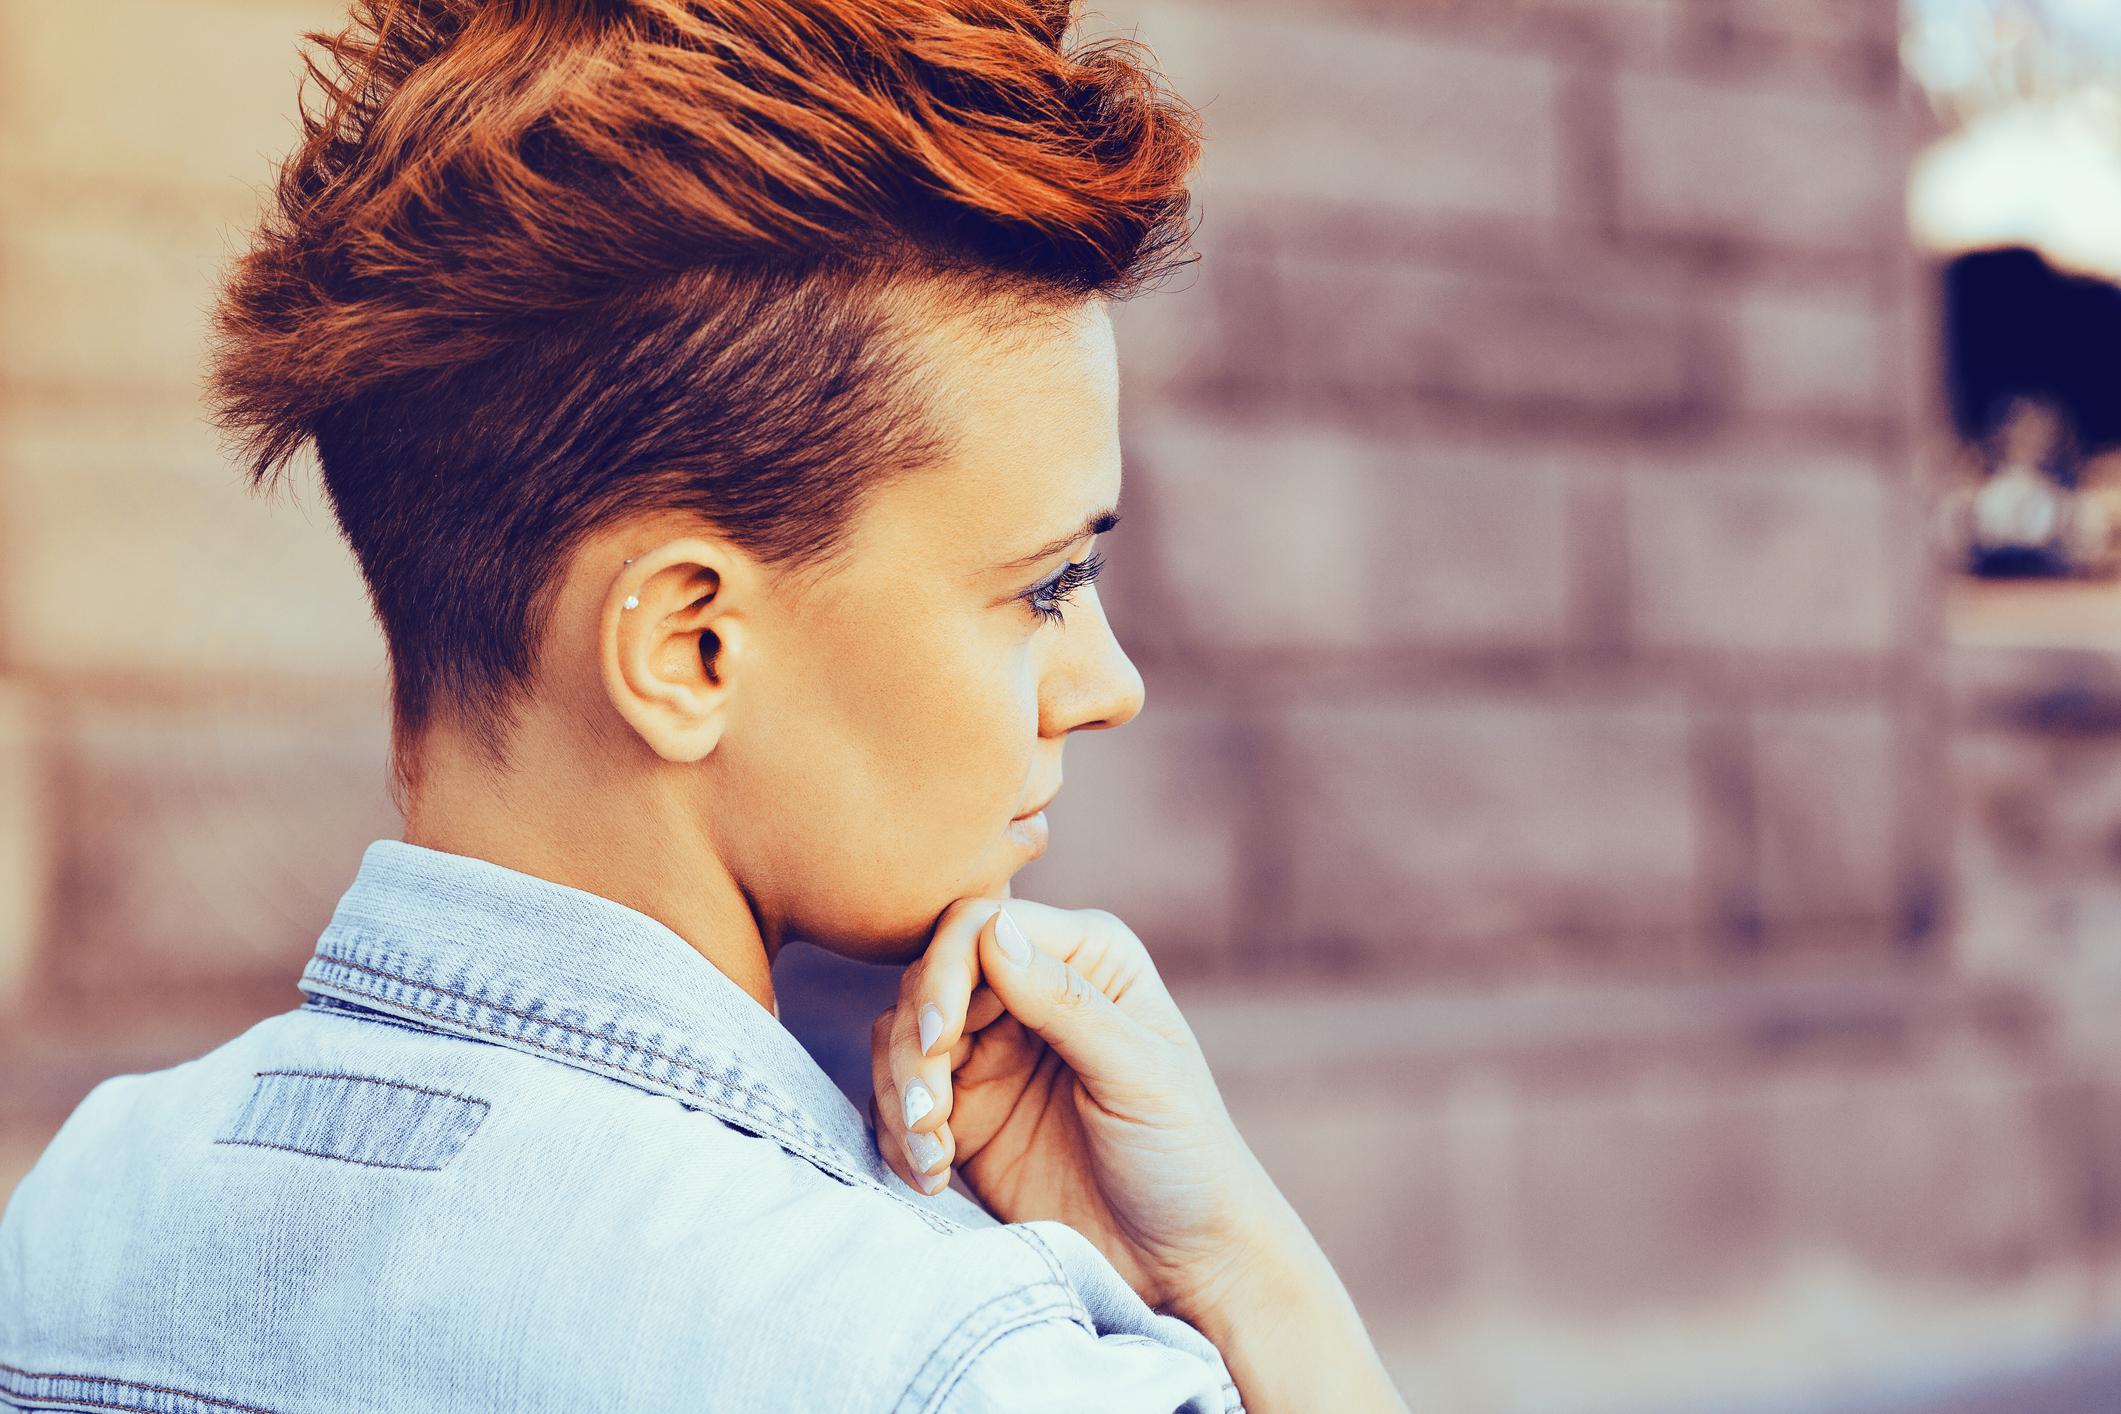 Portrait of a punk woman